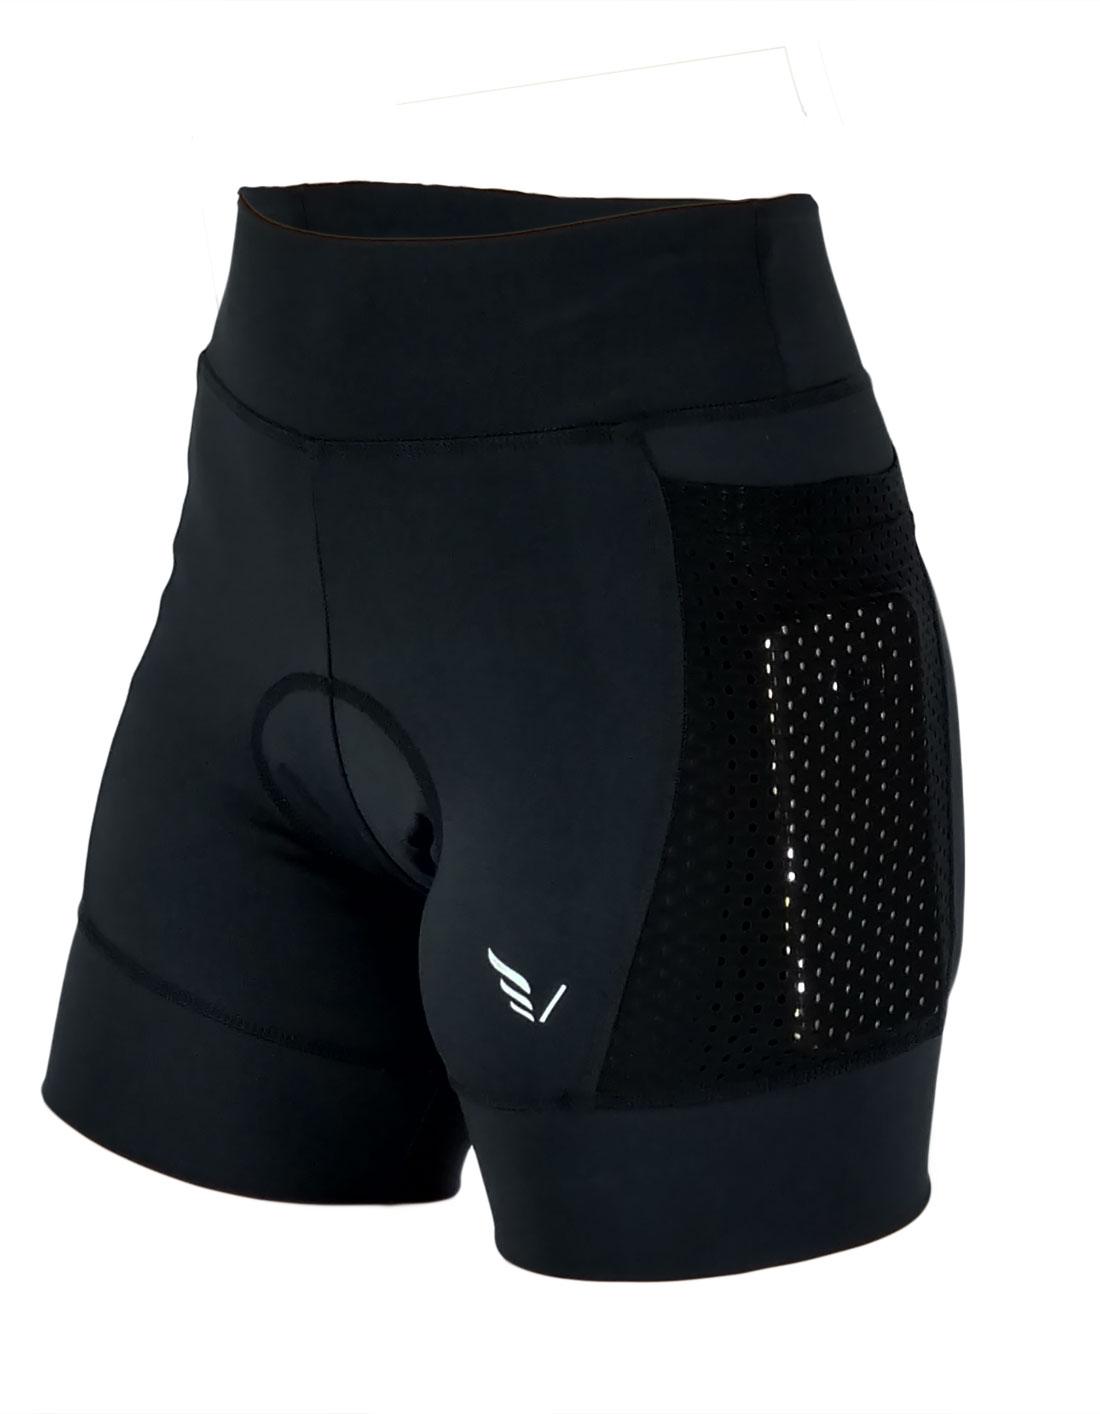 Shorts Cycling New Kenai Villa Sports PRETO